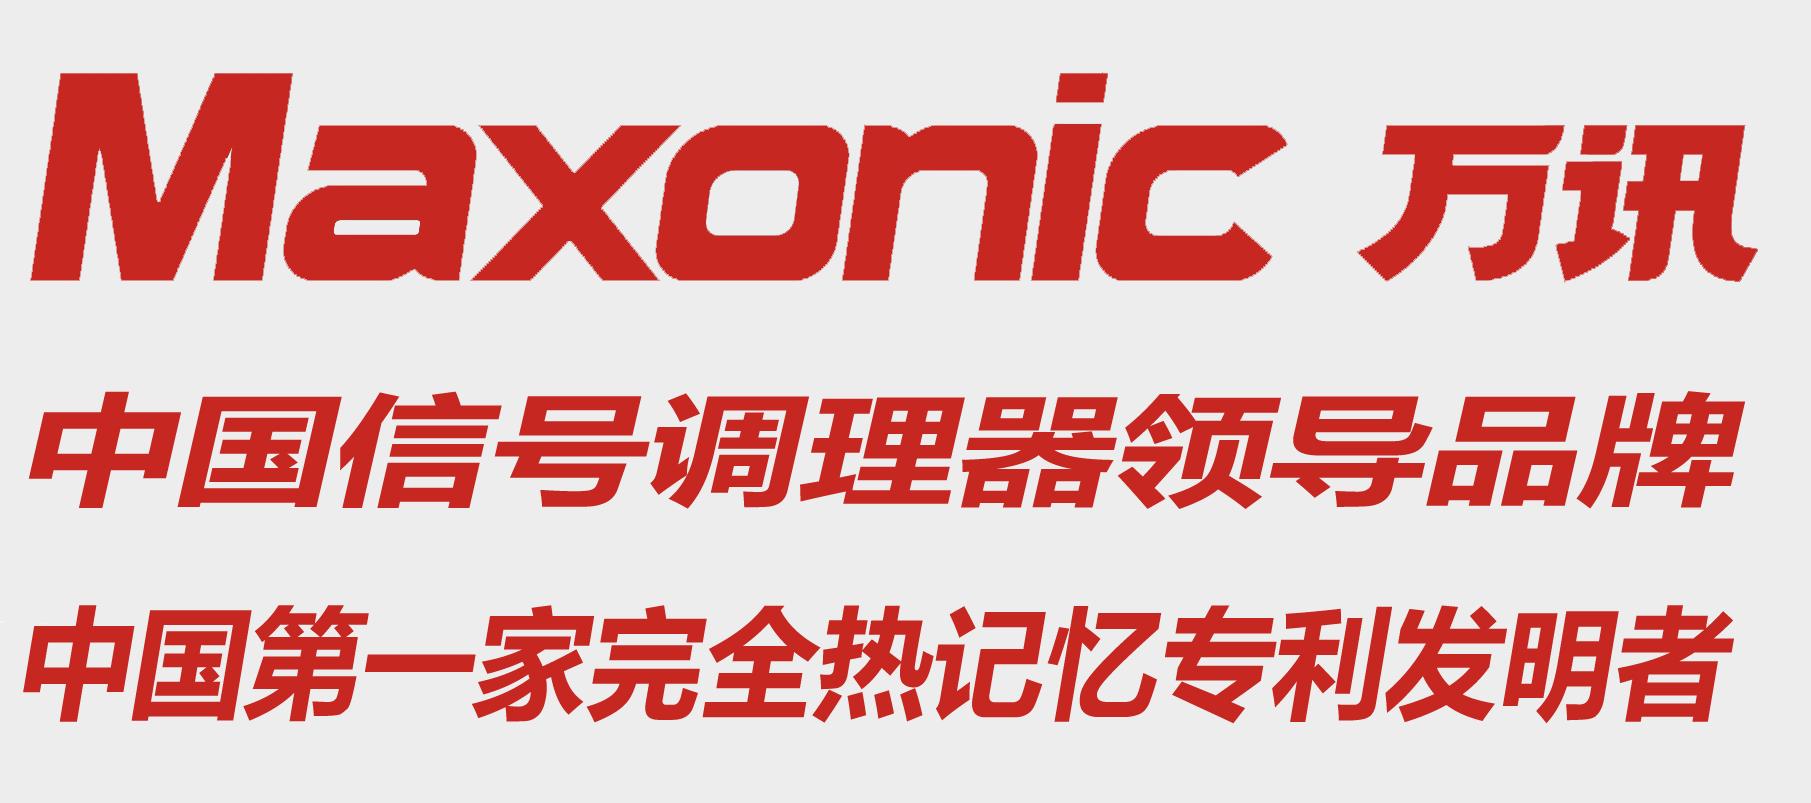 深圳万讯自控股份有限公司